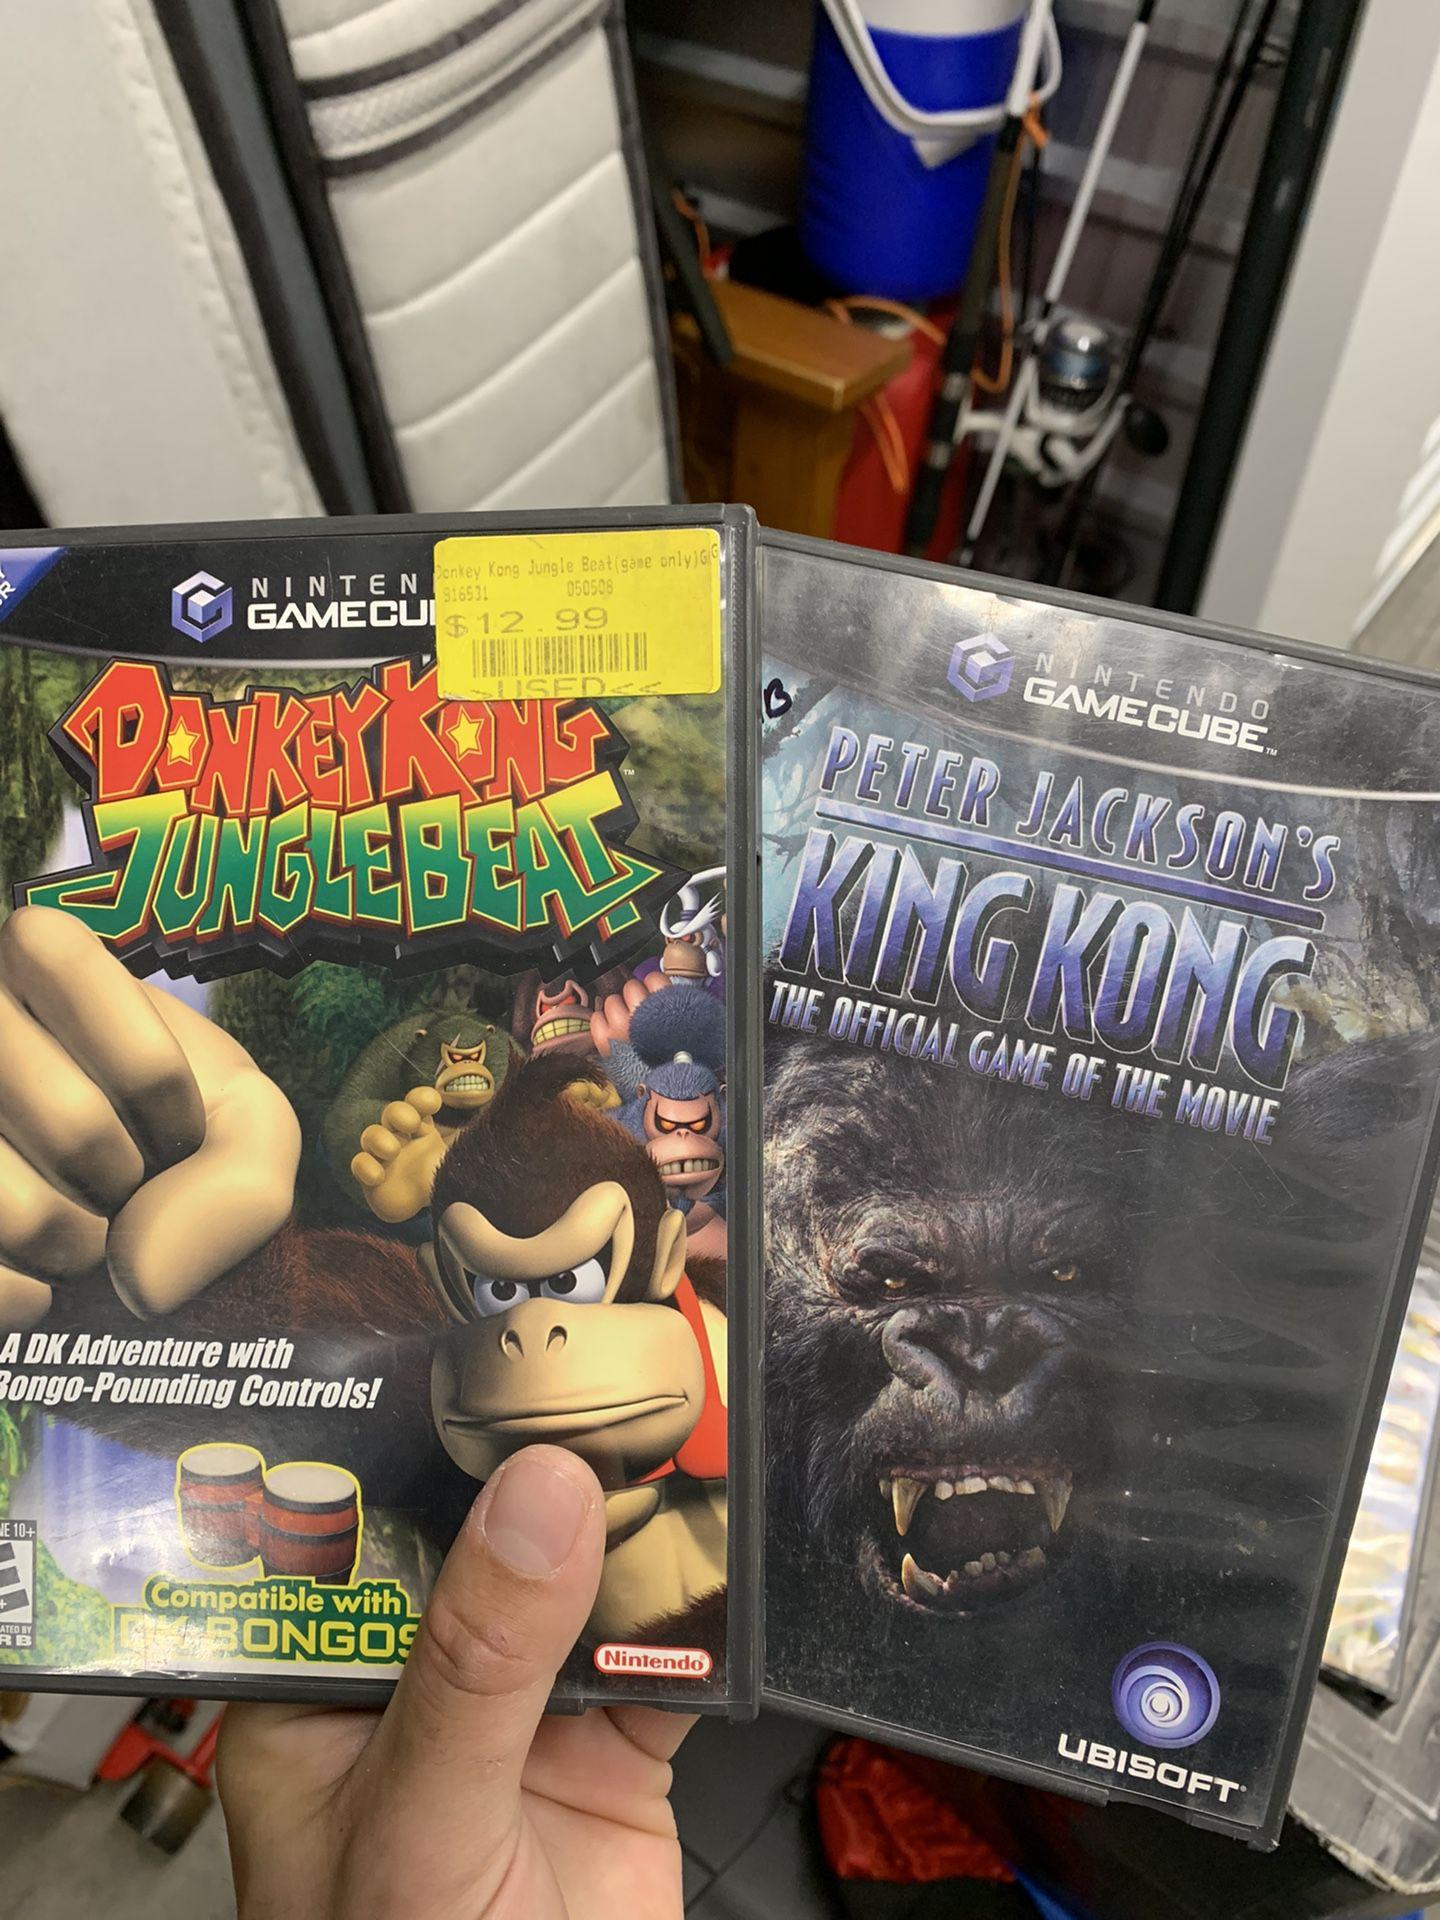 Donkey Kong King Kong gamecube games